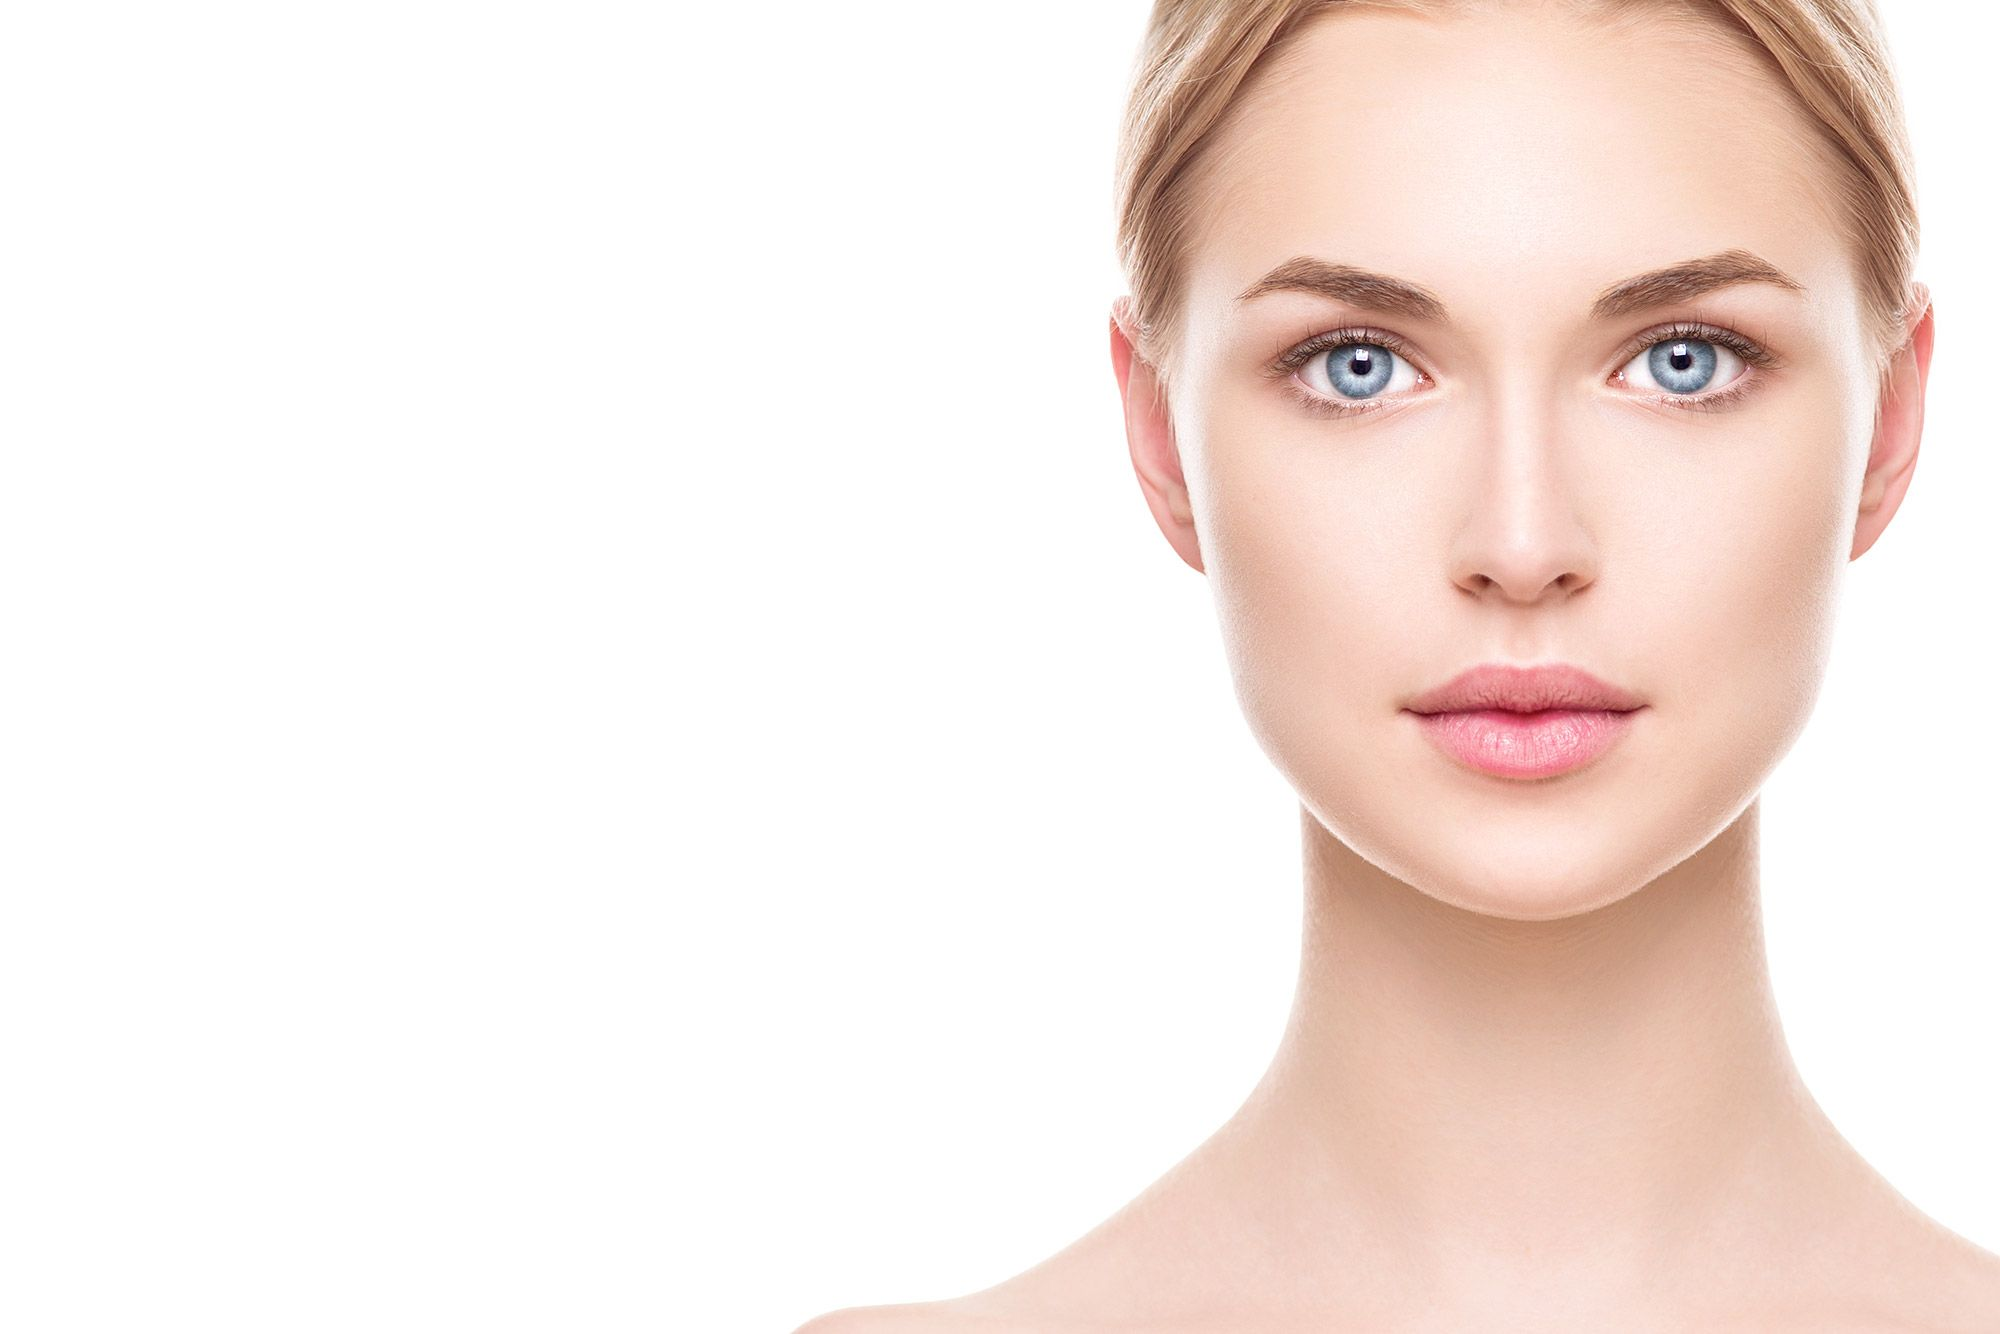 Les interventions de chirurgie esthétique du visage avec le Dr Runge